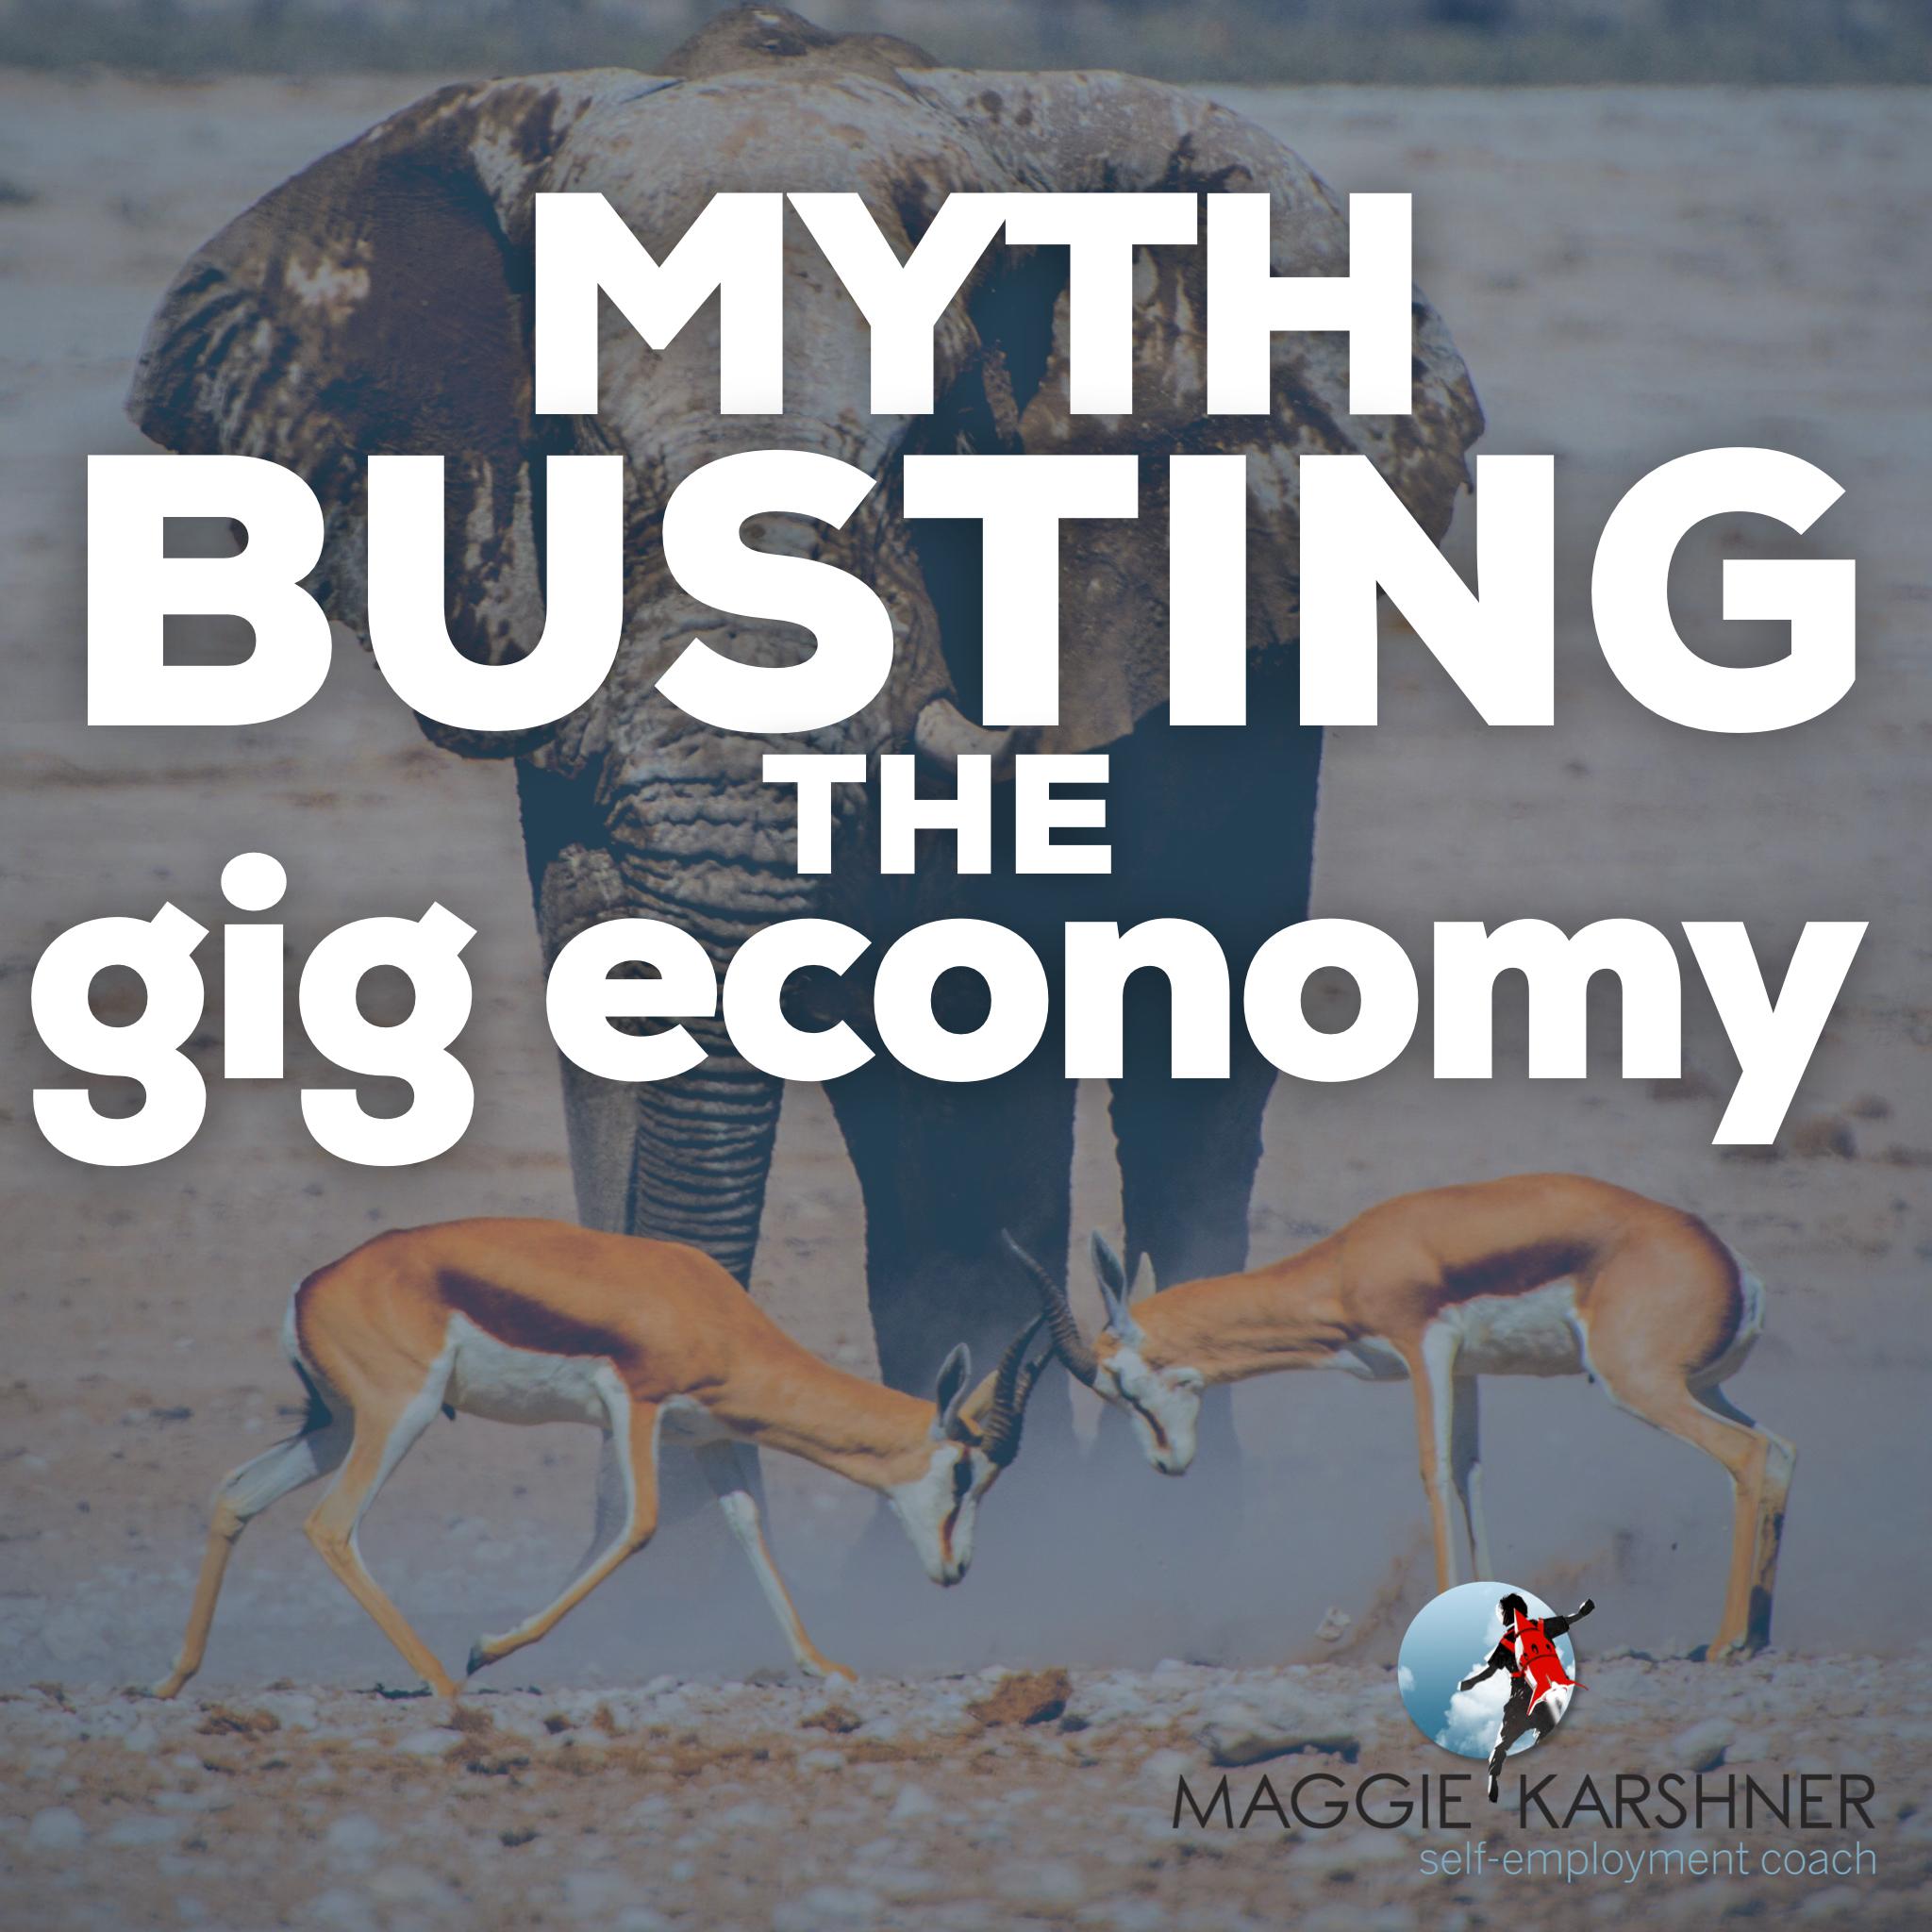 myth-busting-the-gig-economy.jpg